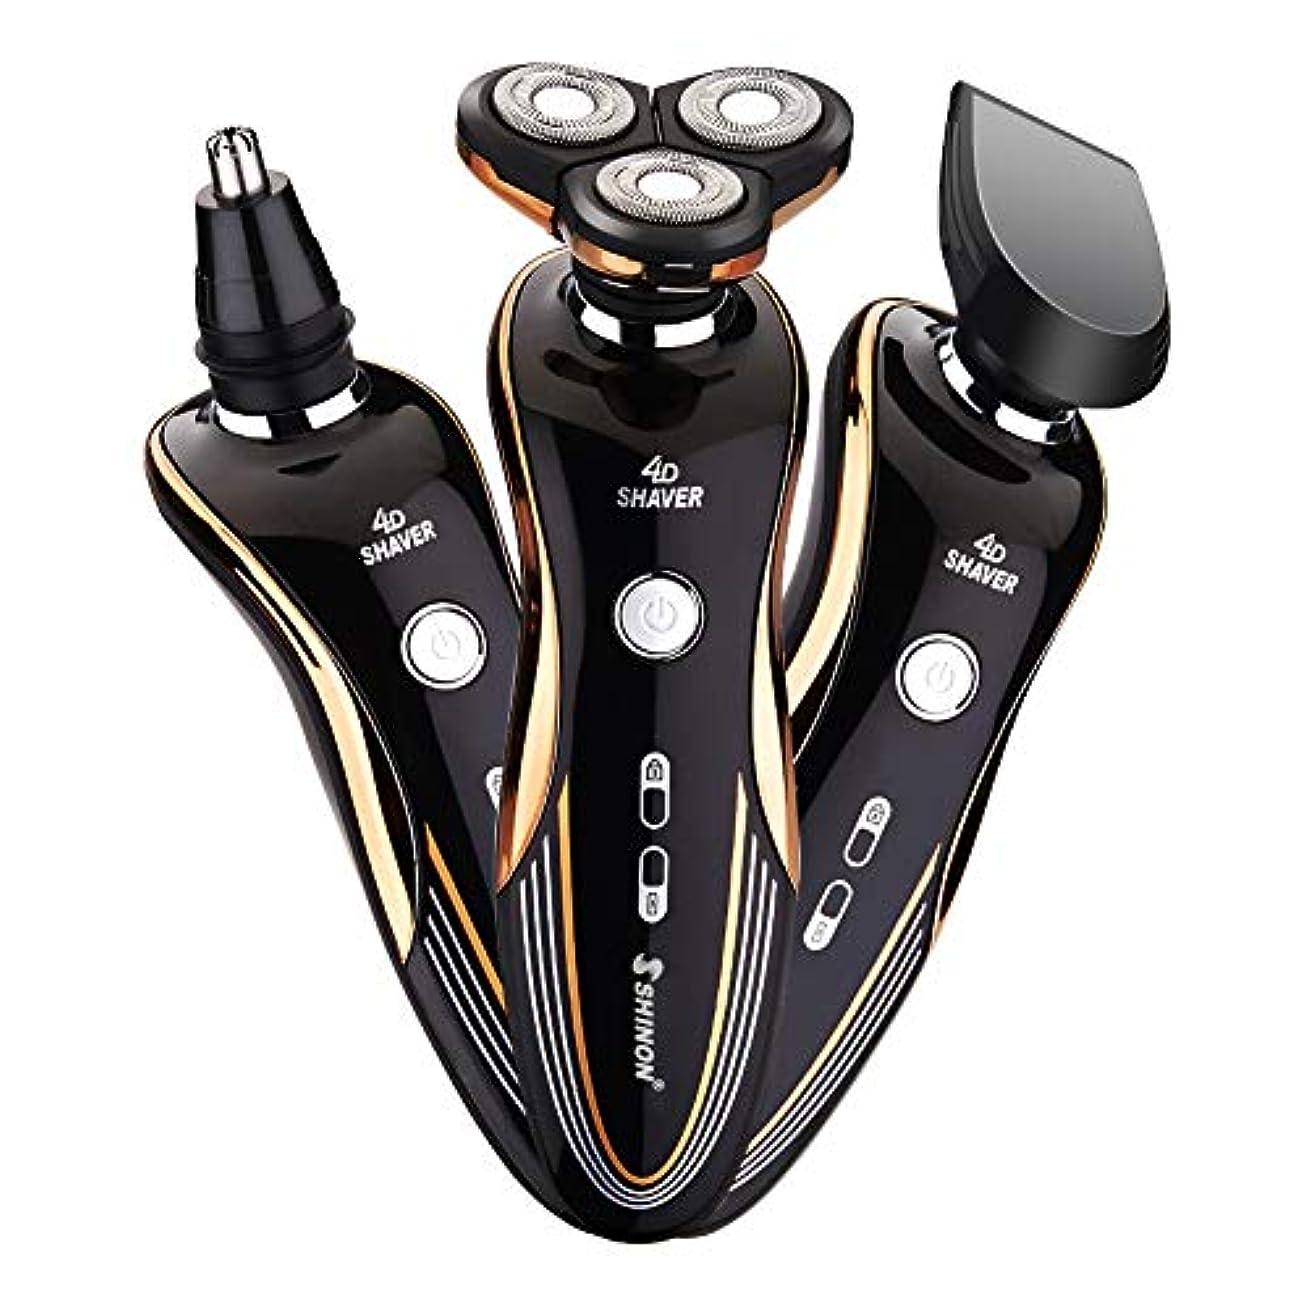 電報化粧はねかけるメンズ 電気シェーバー ひげそり 電気カミソリ 回転式 3枚刃 USB充電式 IPX7防水 お風呂剃り